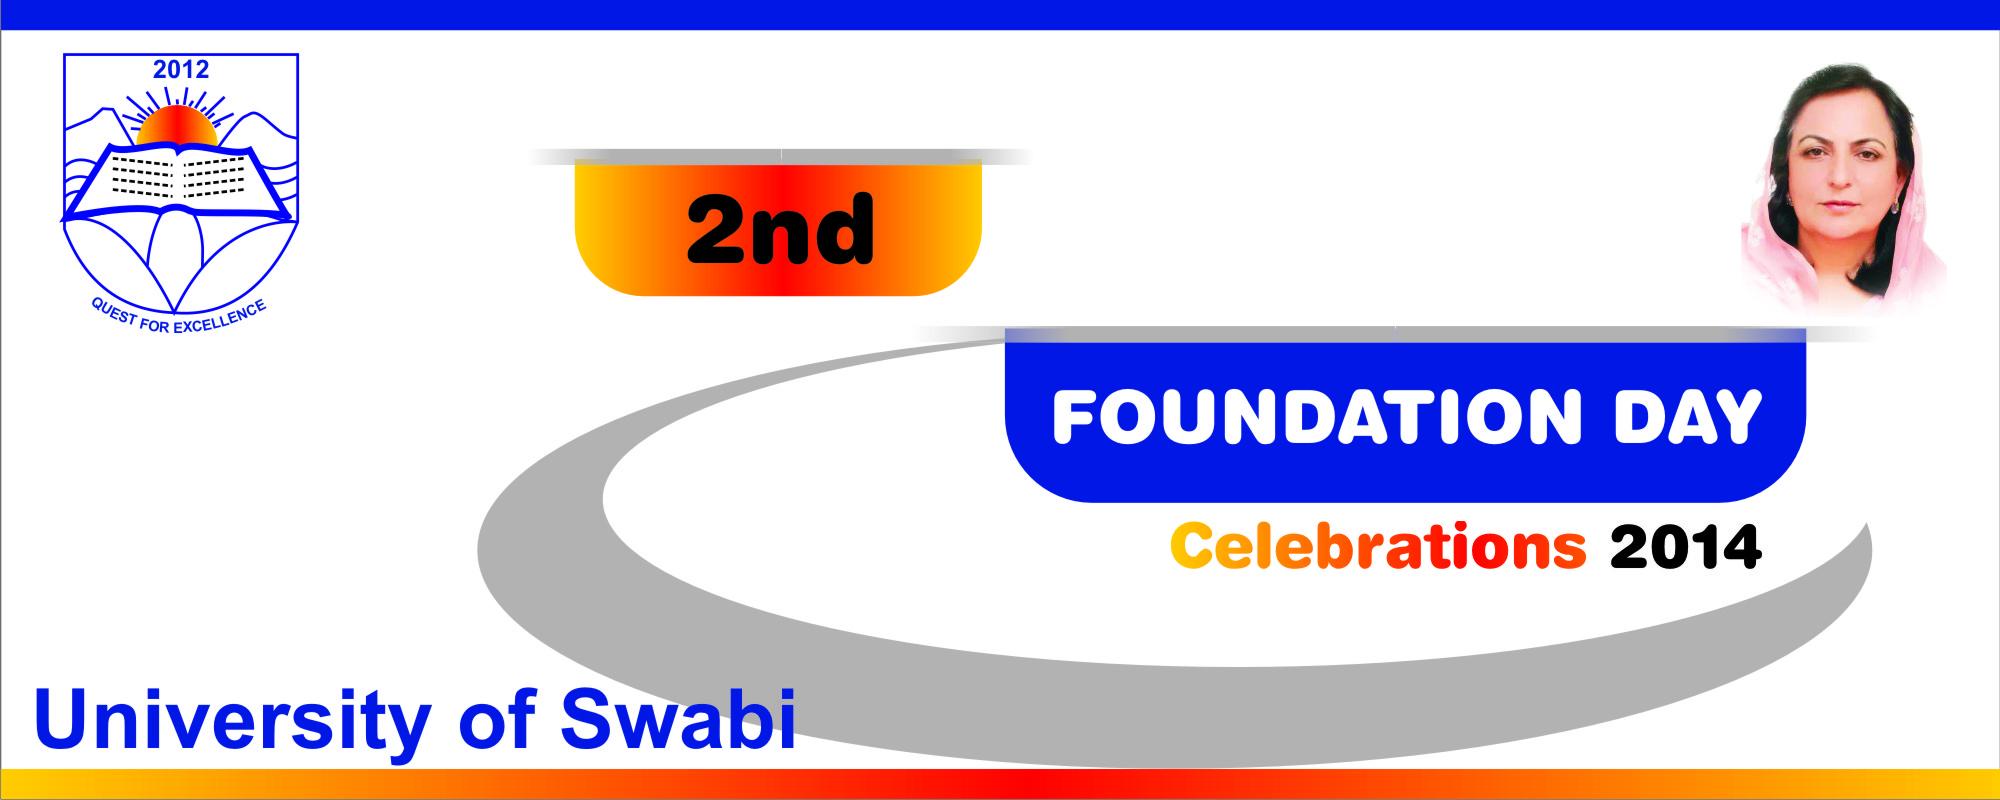 2nd Foundation Day Celebrations 2014